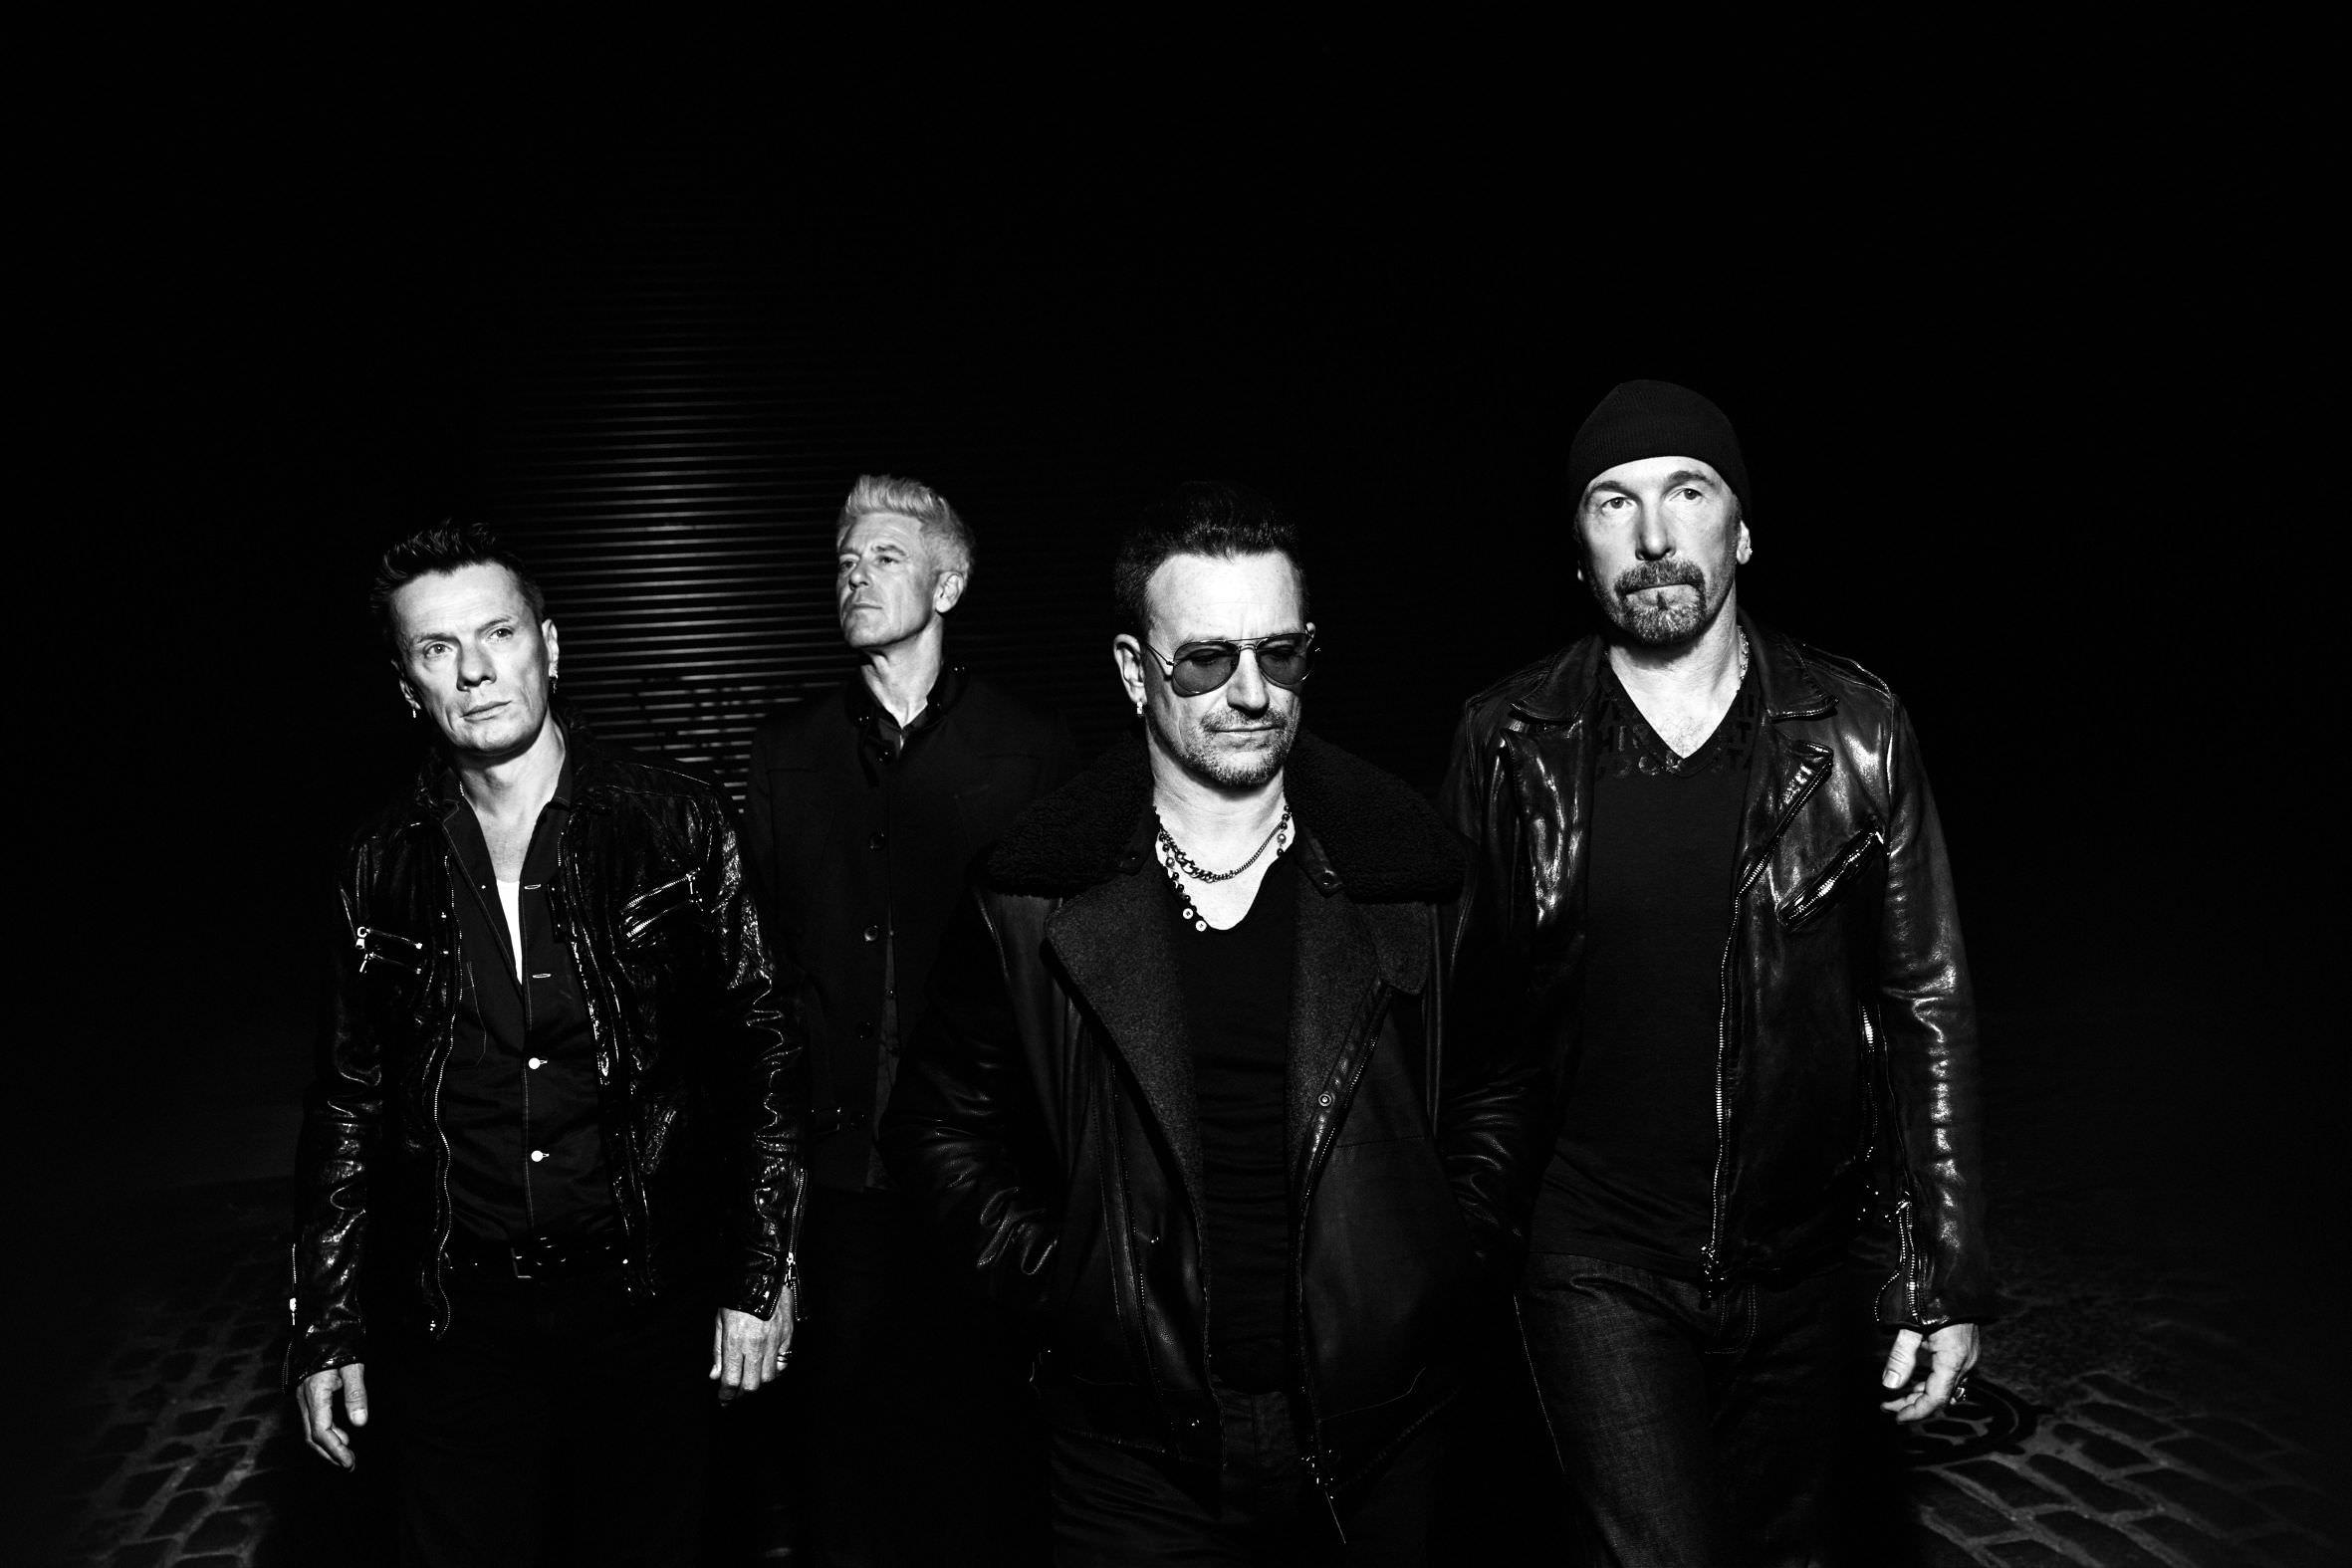 Hai un iPhone? Controlla il tuo iTunes: gli U2 ti fanno un regalo!